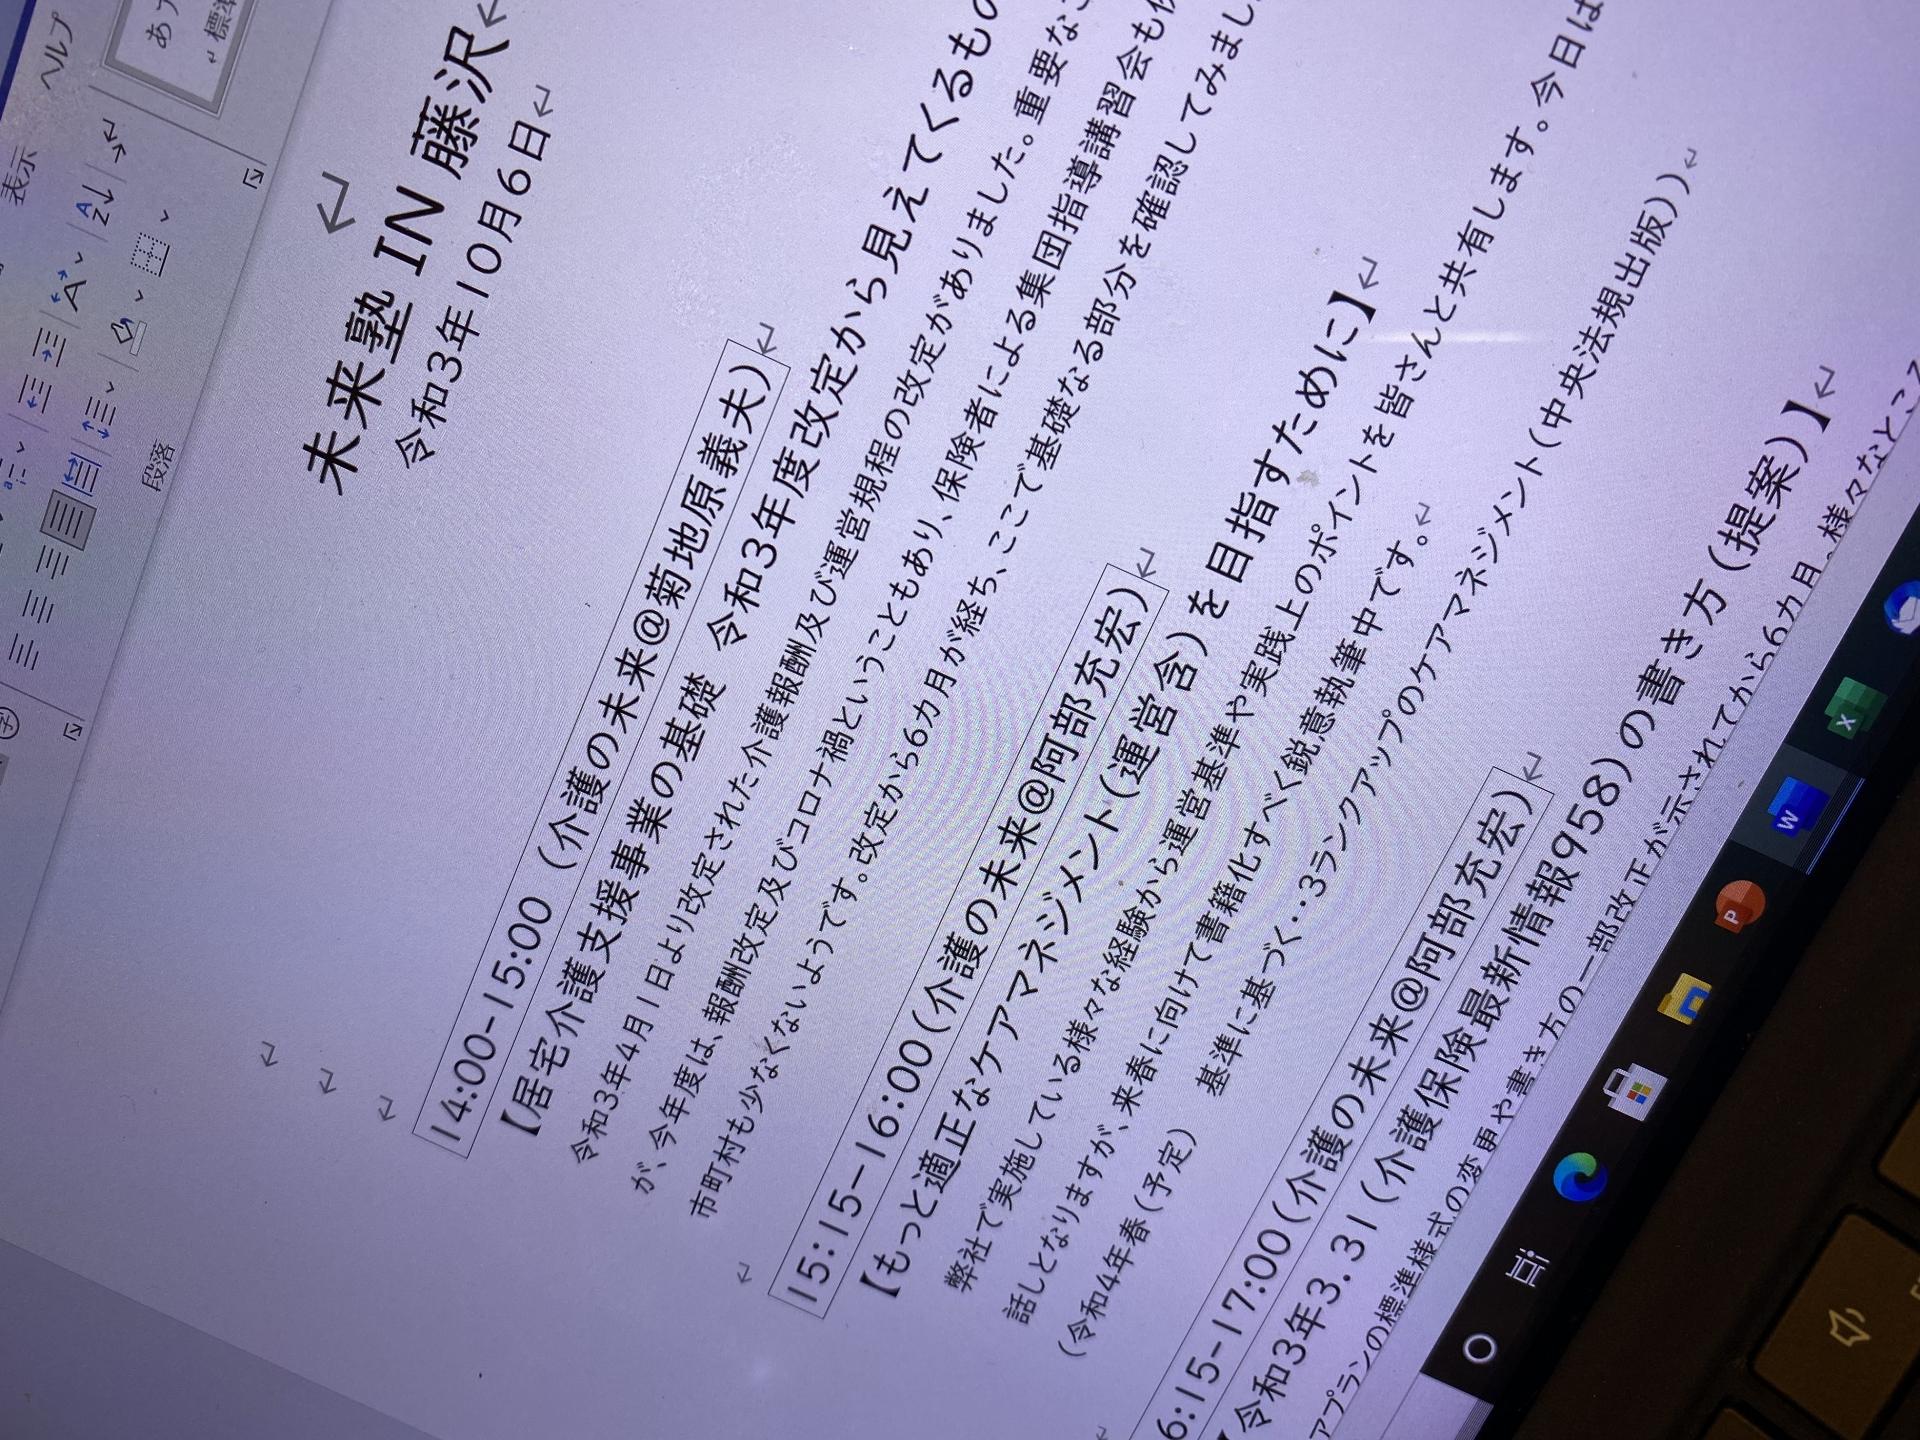 【 495 】 未来塾IN藤沢 10月6日 準備OK